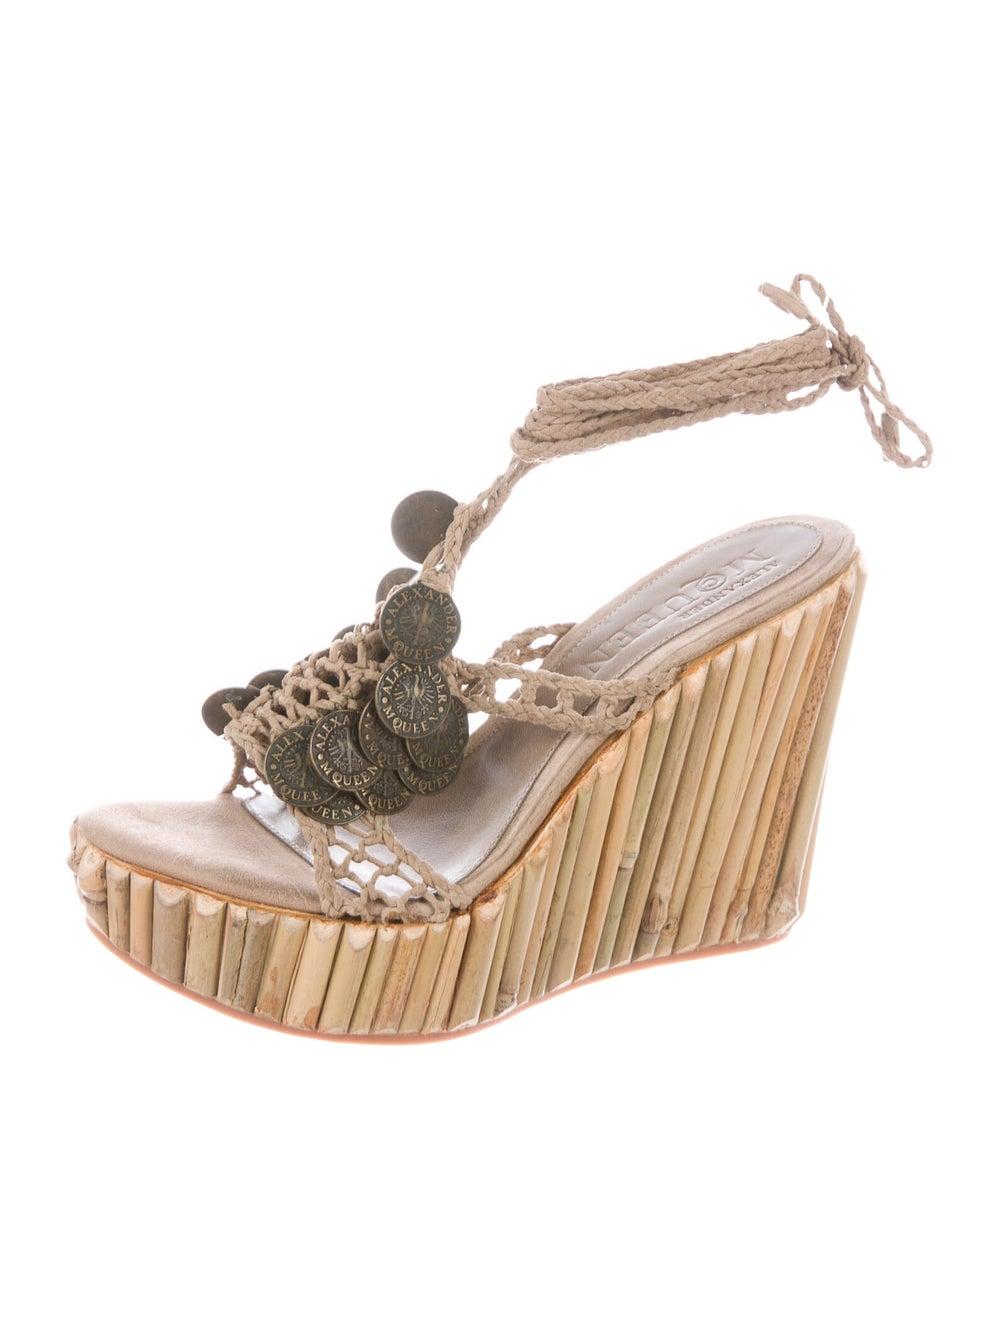 Alexander McQueen Sandals - image 2